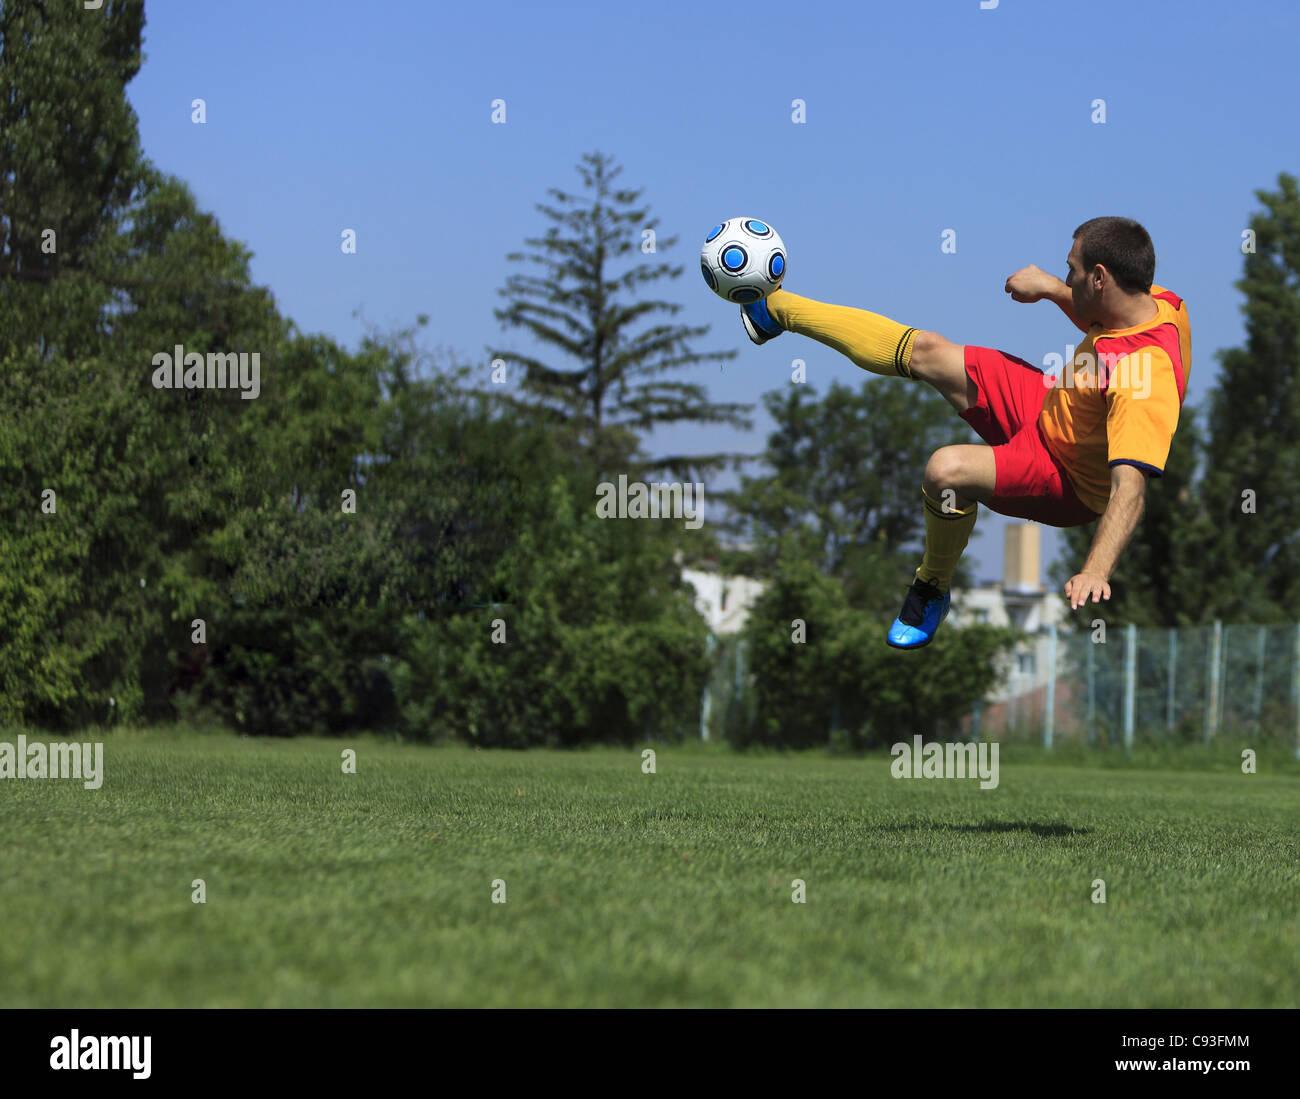 Un jugador de fútbol patear el balón en una posición acrobática. Foto de stock